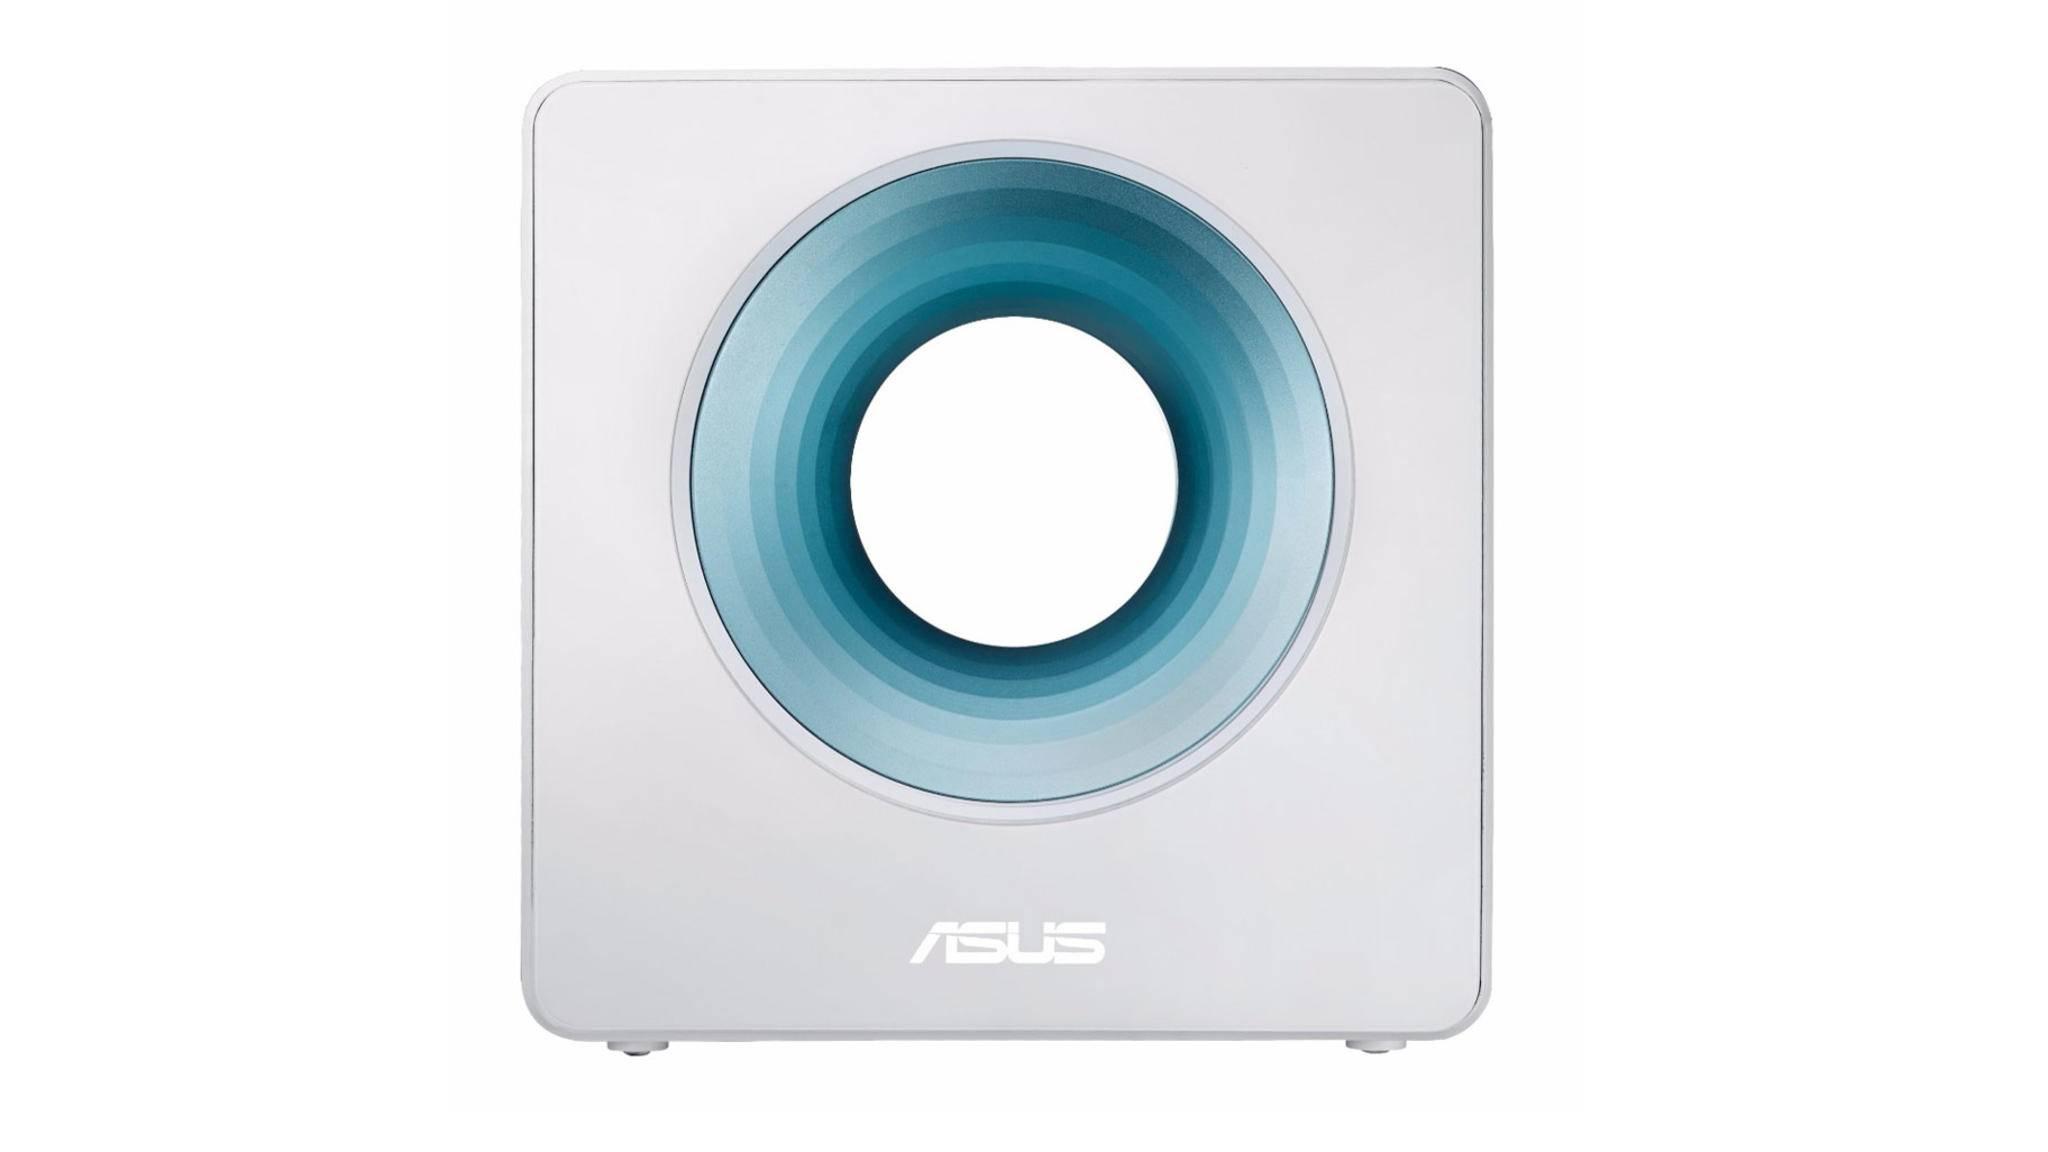 WLAN-Router mit Durchblick: So stylisch sieht der Asus Blue Cave aus.